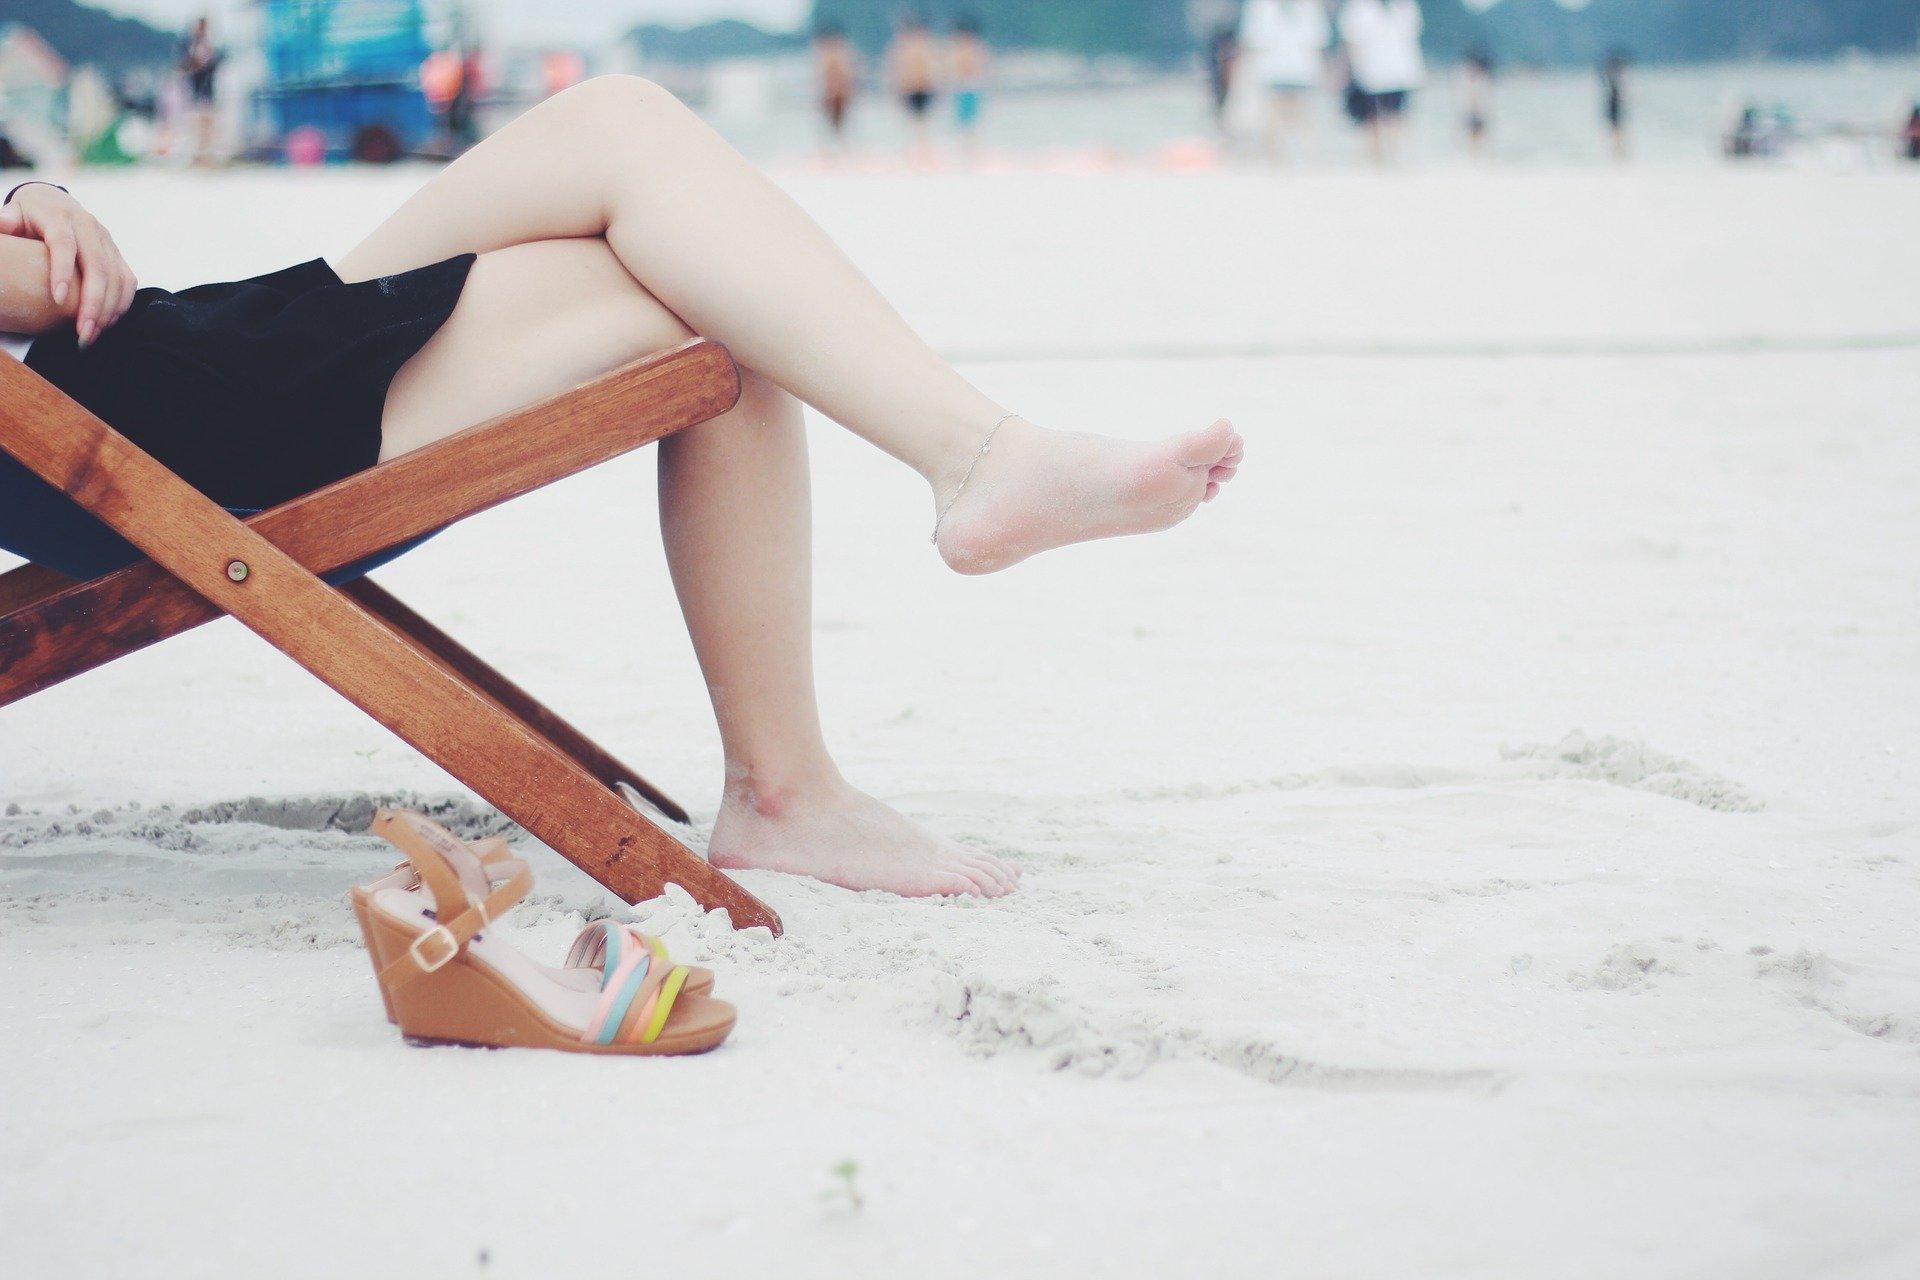 Lipödem: Nach einer Fettabsaugung lassen Schmerzen nach und die Ästhetik der Bein verhilft Frauen zu einem neuen Körpergefühl